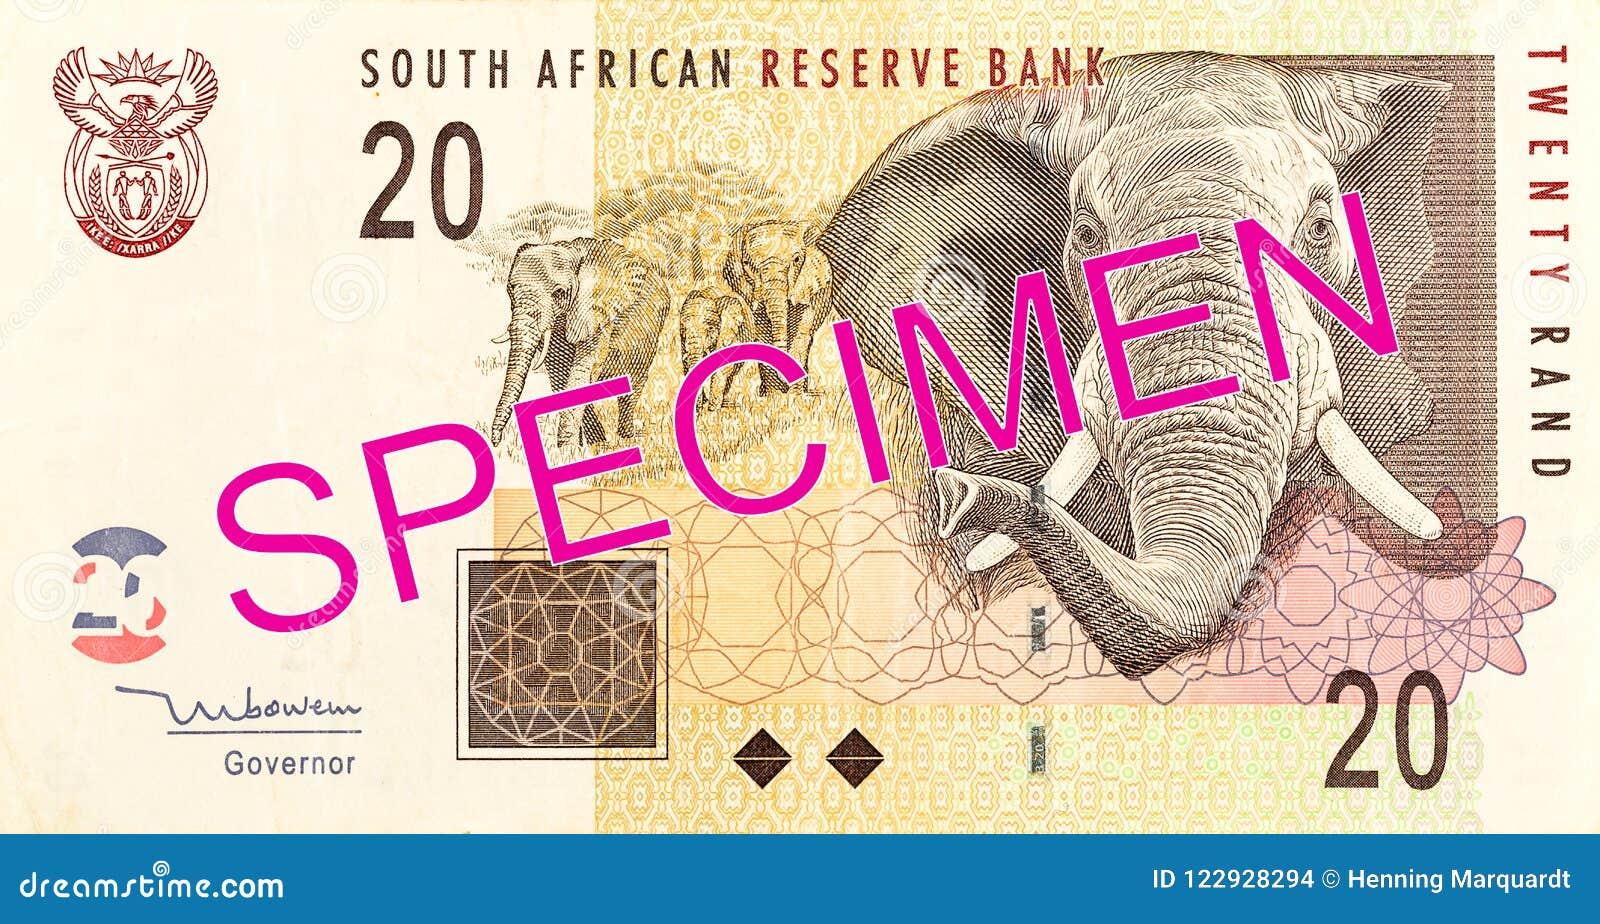 Complemento della banconota da 20 Rand sudafricani